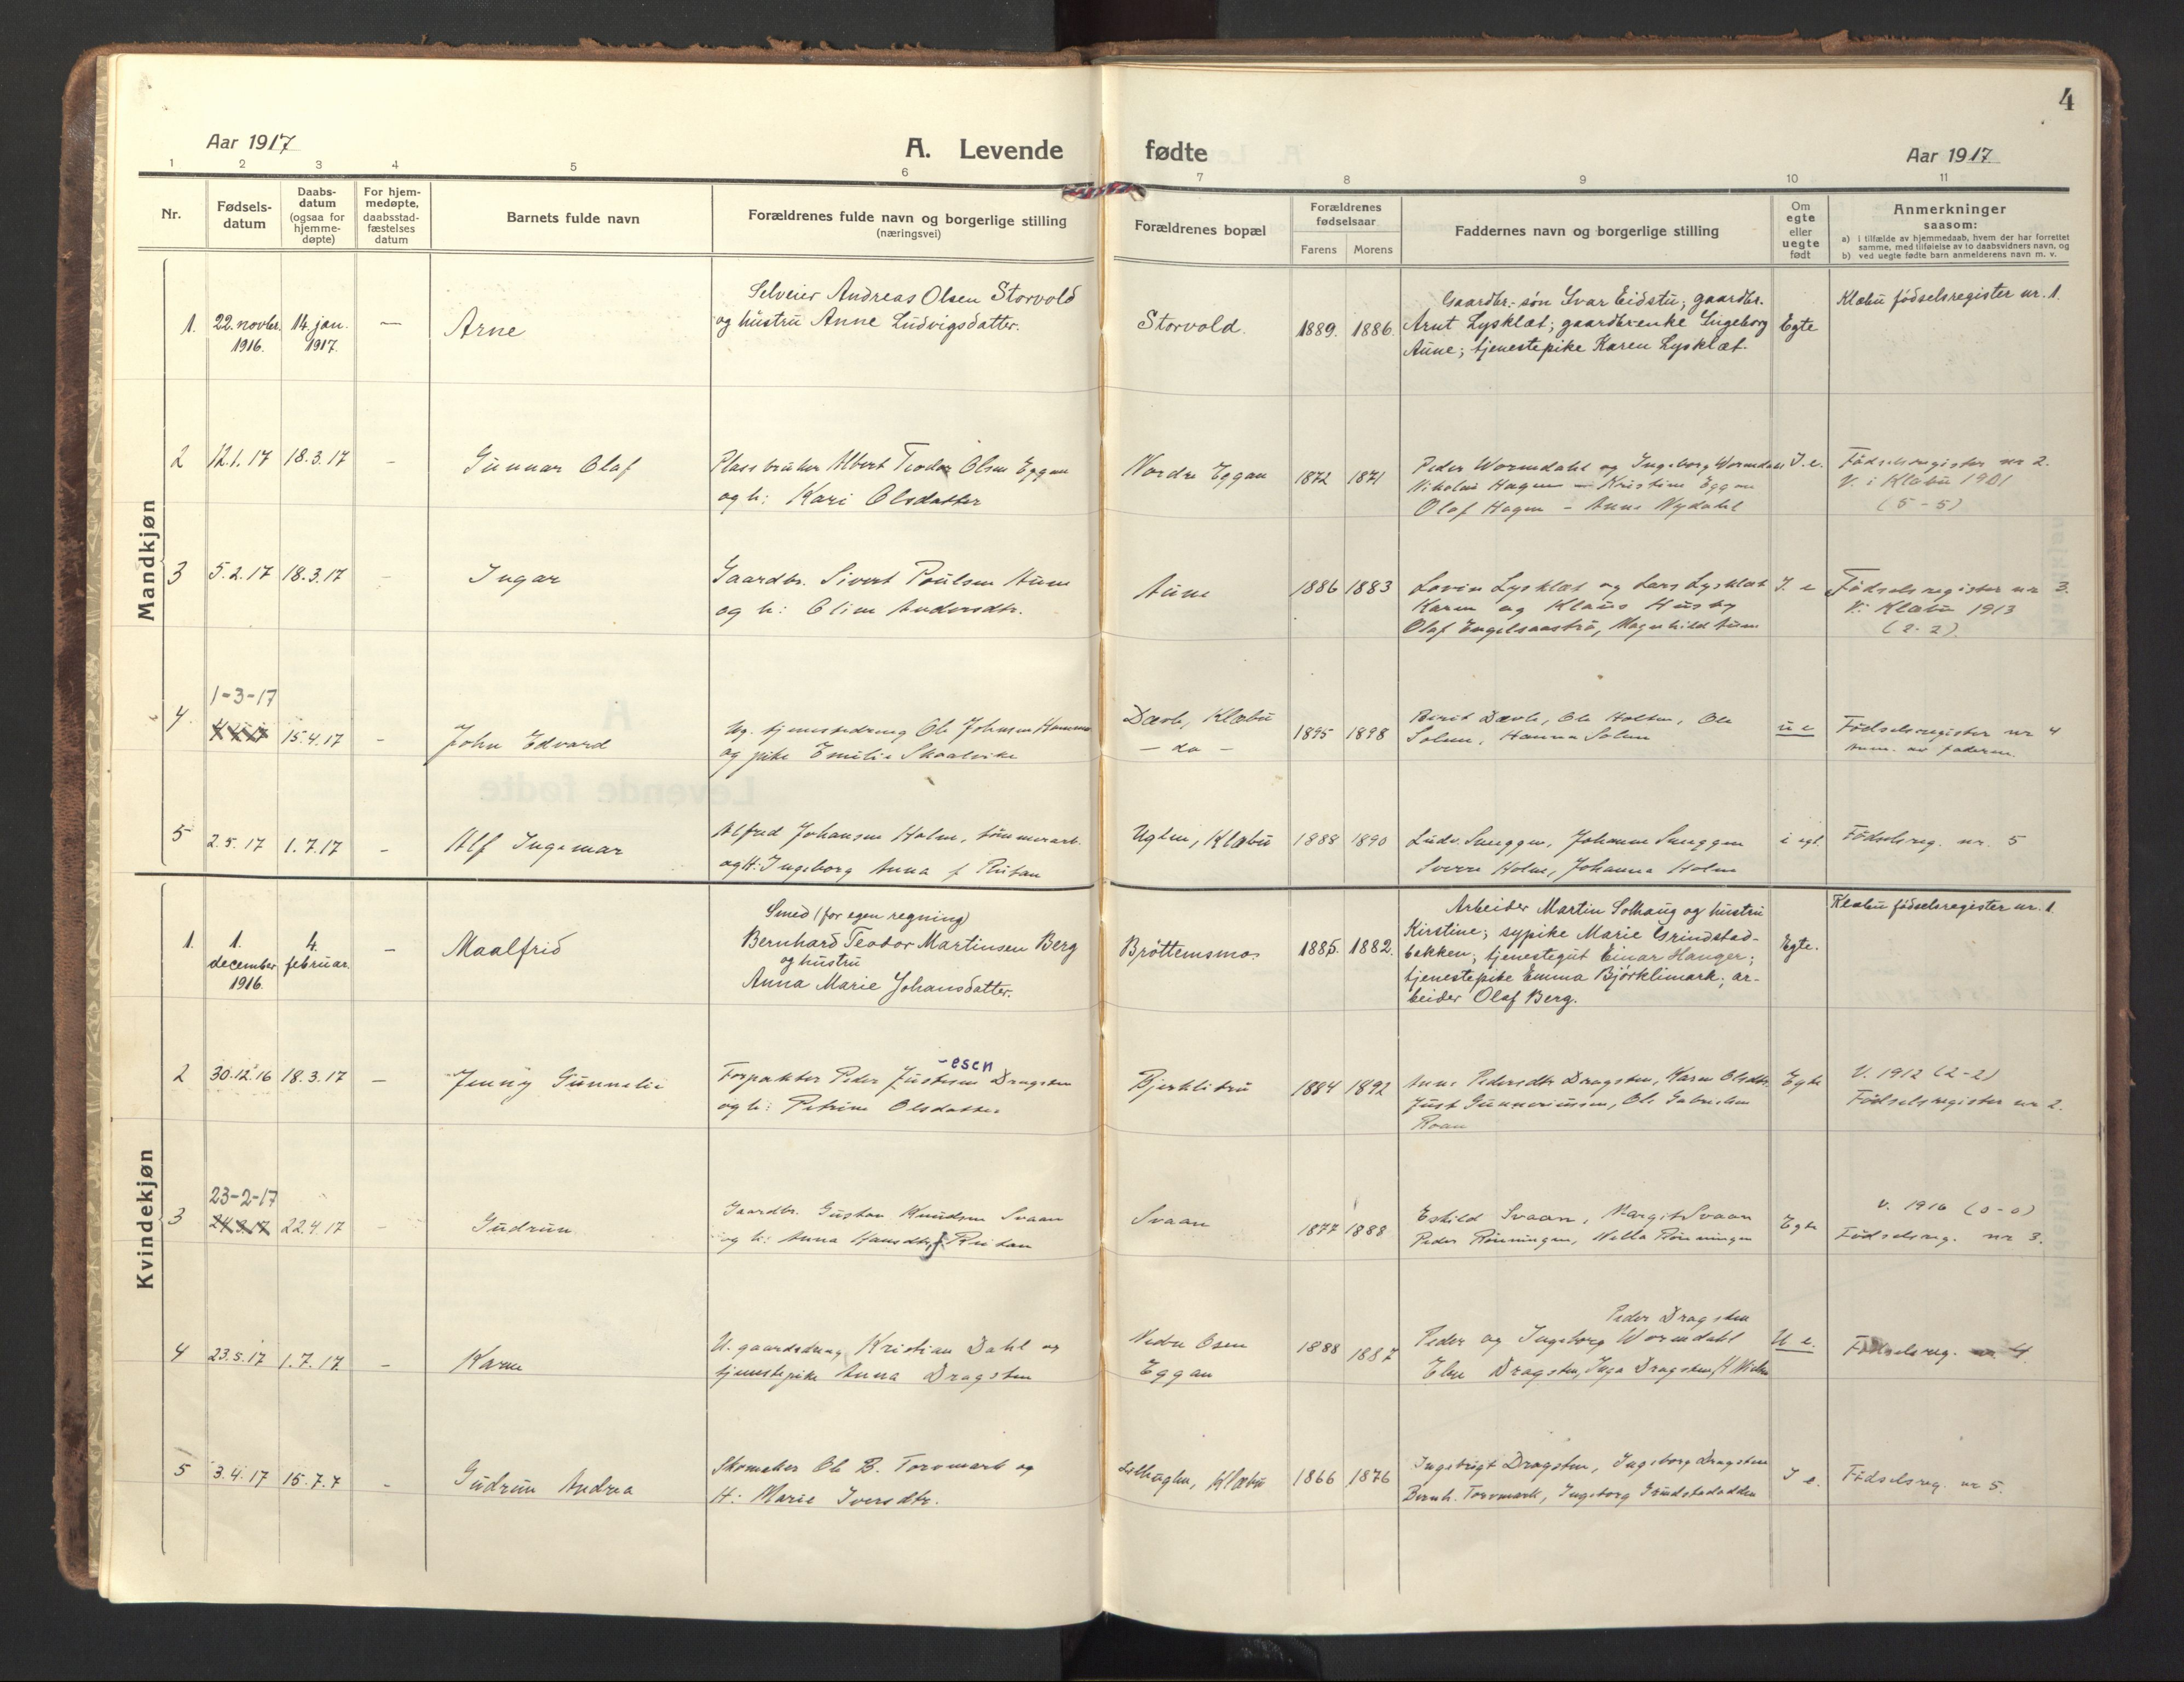 SAT, Ministerialprotokoller, klokkerbøker og fødselsregistre - Sør-Trøndelag, 618/L0449: Ministerialbok nr. 618A12, 1917-1924, s. 4